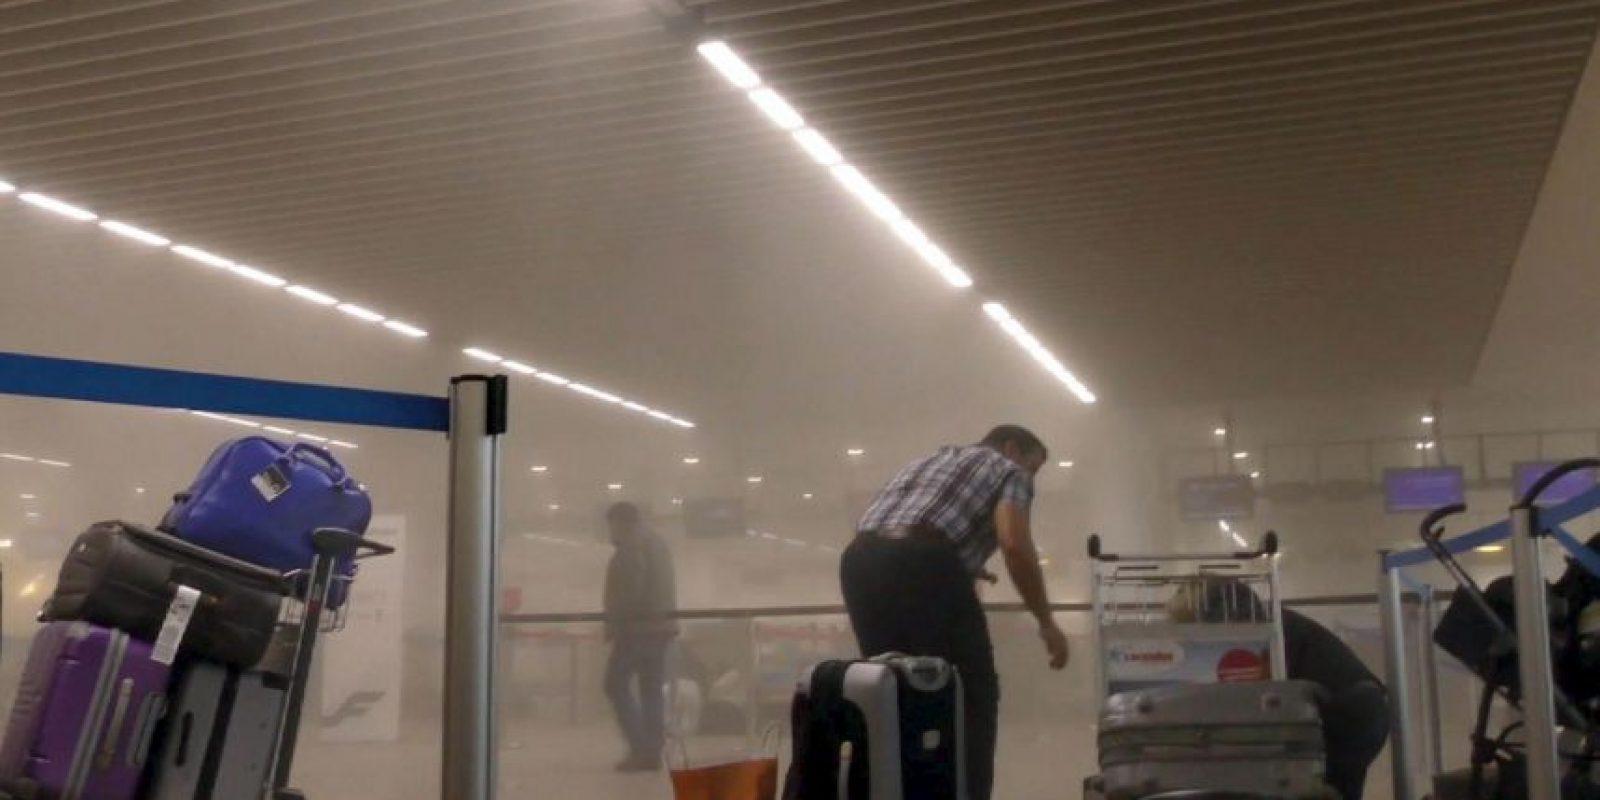 Khalid se hizo explotar en la estación Maelbeek del Metro de Bruselas, mientras que Ibrahim lo hizo en el aeropuerto. Foto:AP